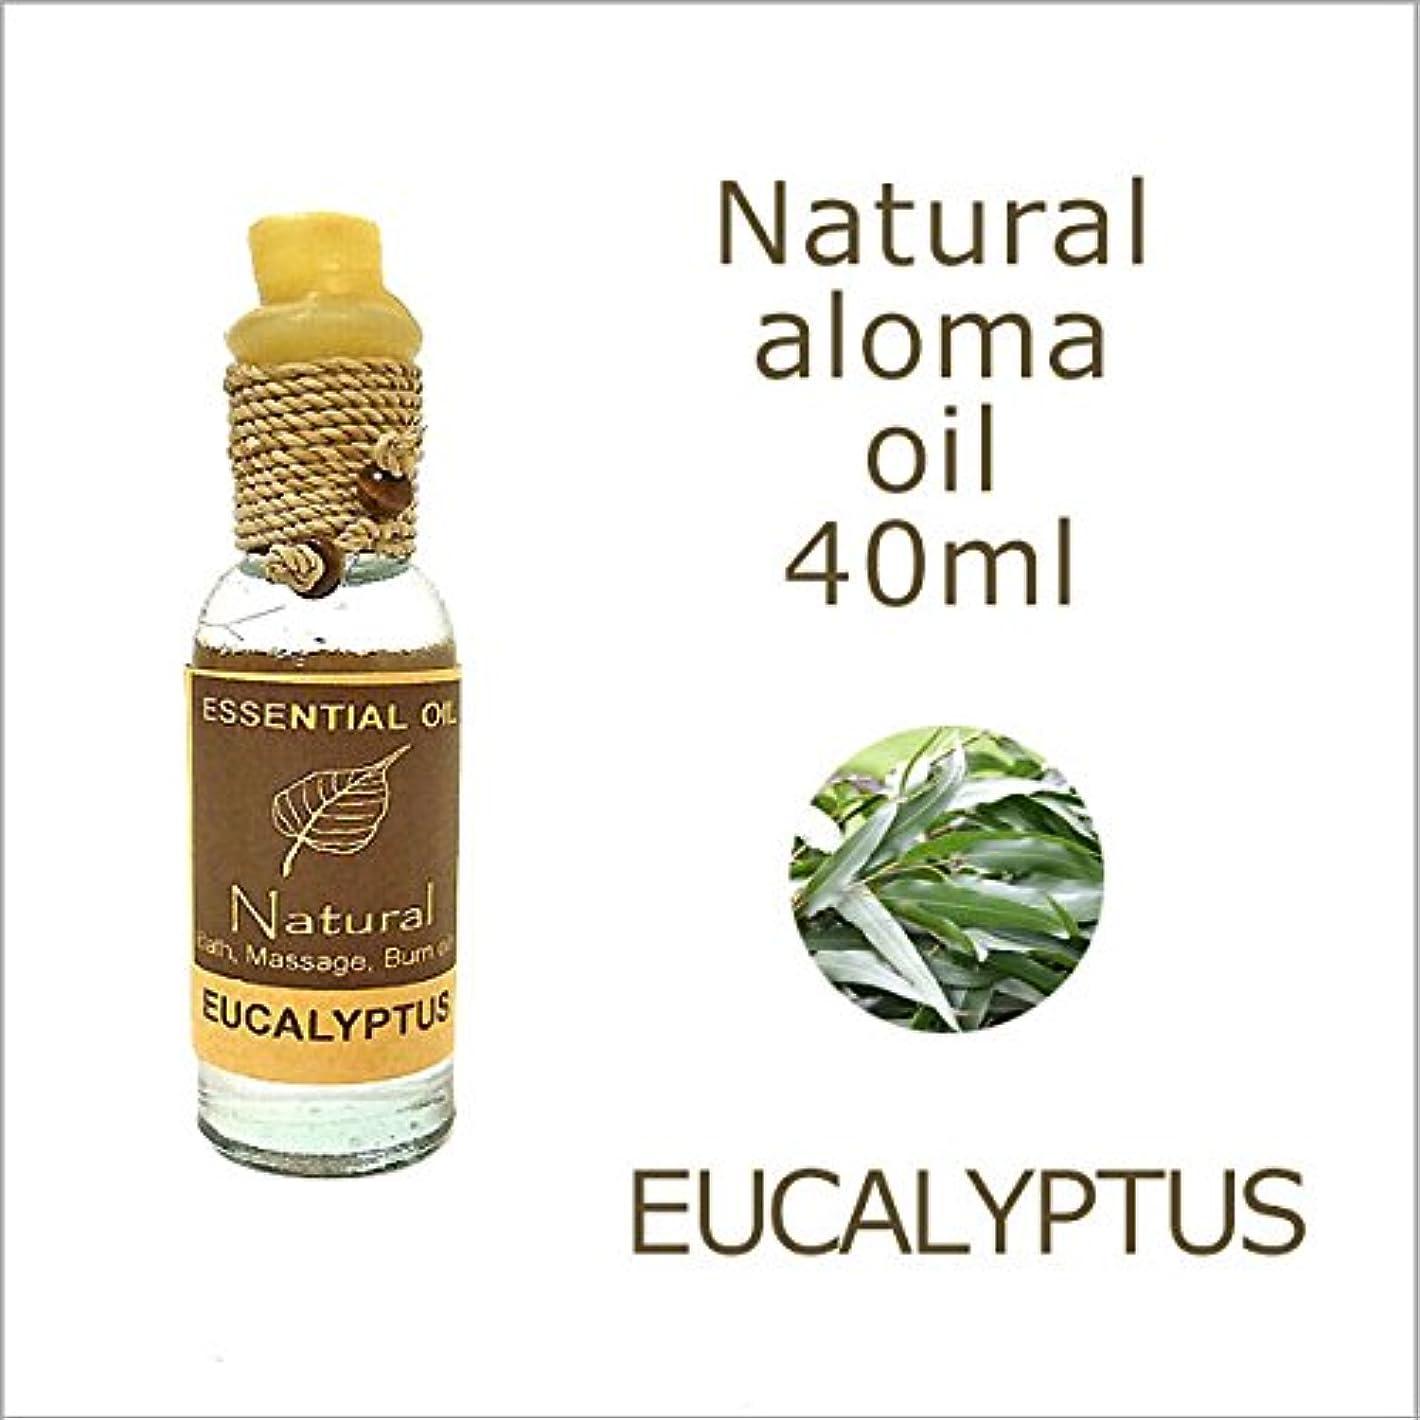 敬の念生まれ息を切らしてユーカリ Eucalyptusアロマオイル40ml マッサージオイル アジアン 雑貨 バリ 雑貨 タイ 雑貨 アジアン インテリア 花粉 対策 並行輸入品